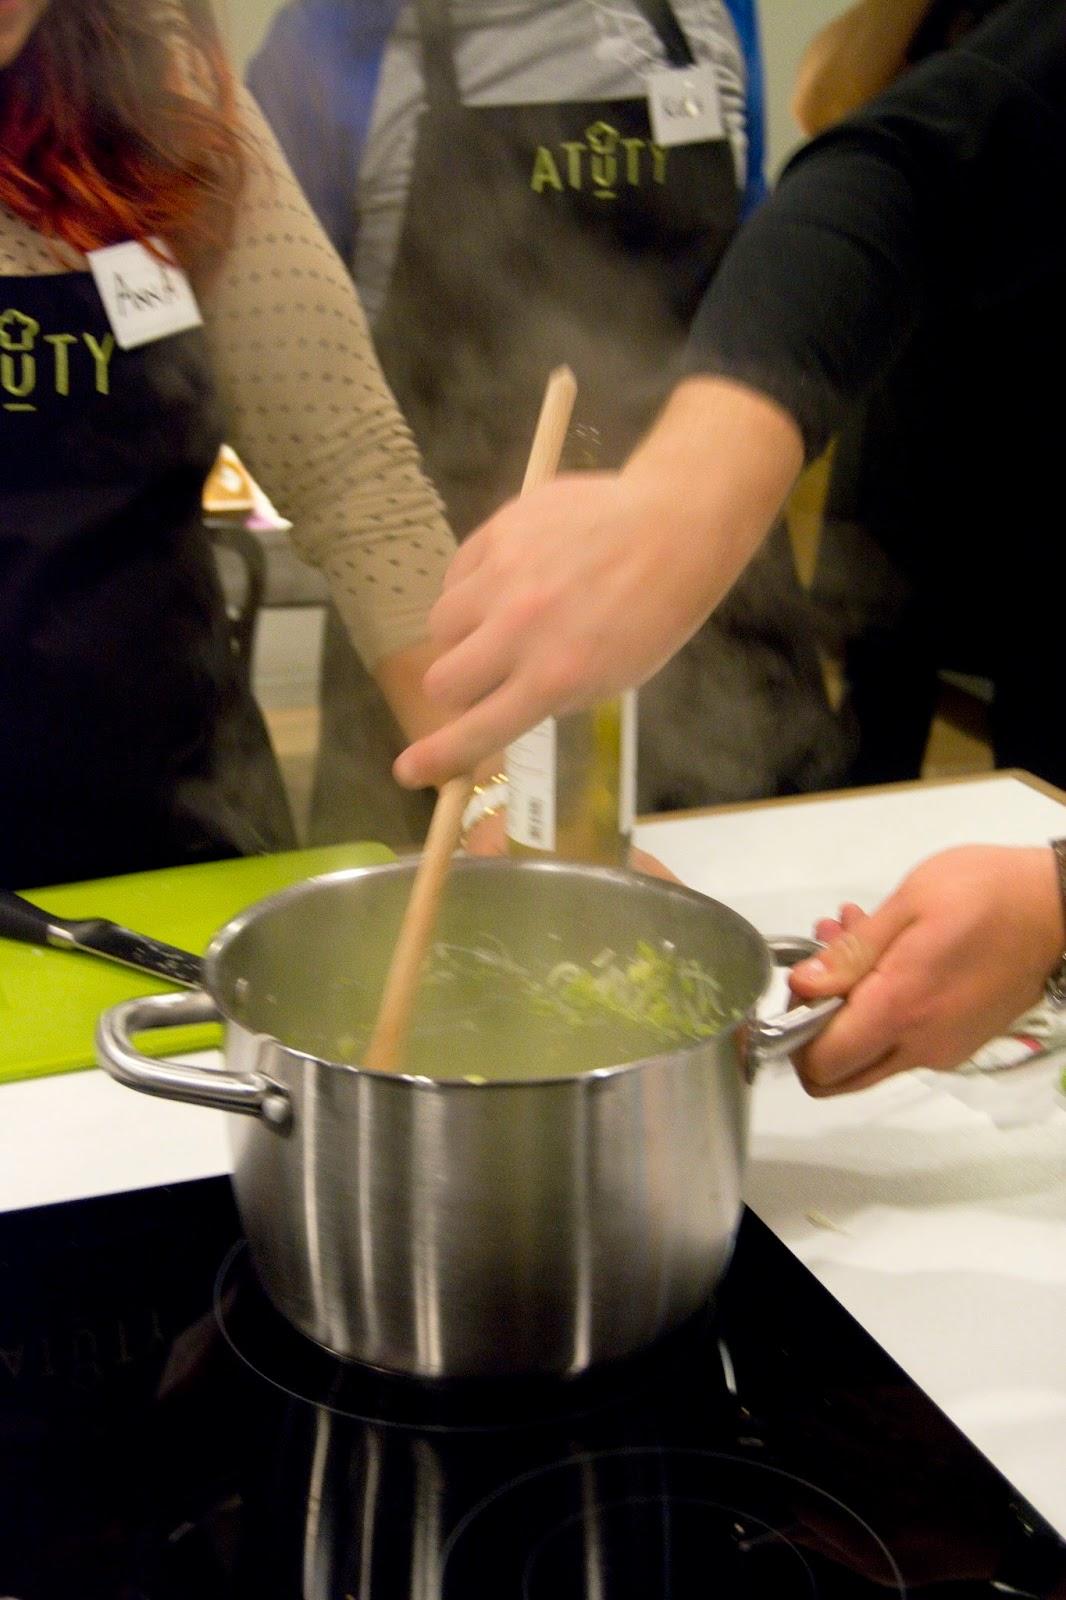 Atuty - krótki kurs kuchni francuskiej - fondue z pora z białym winem